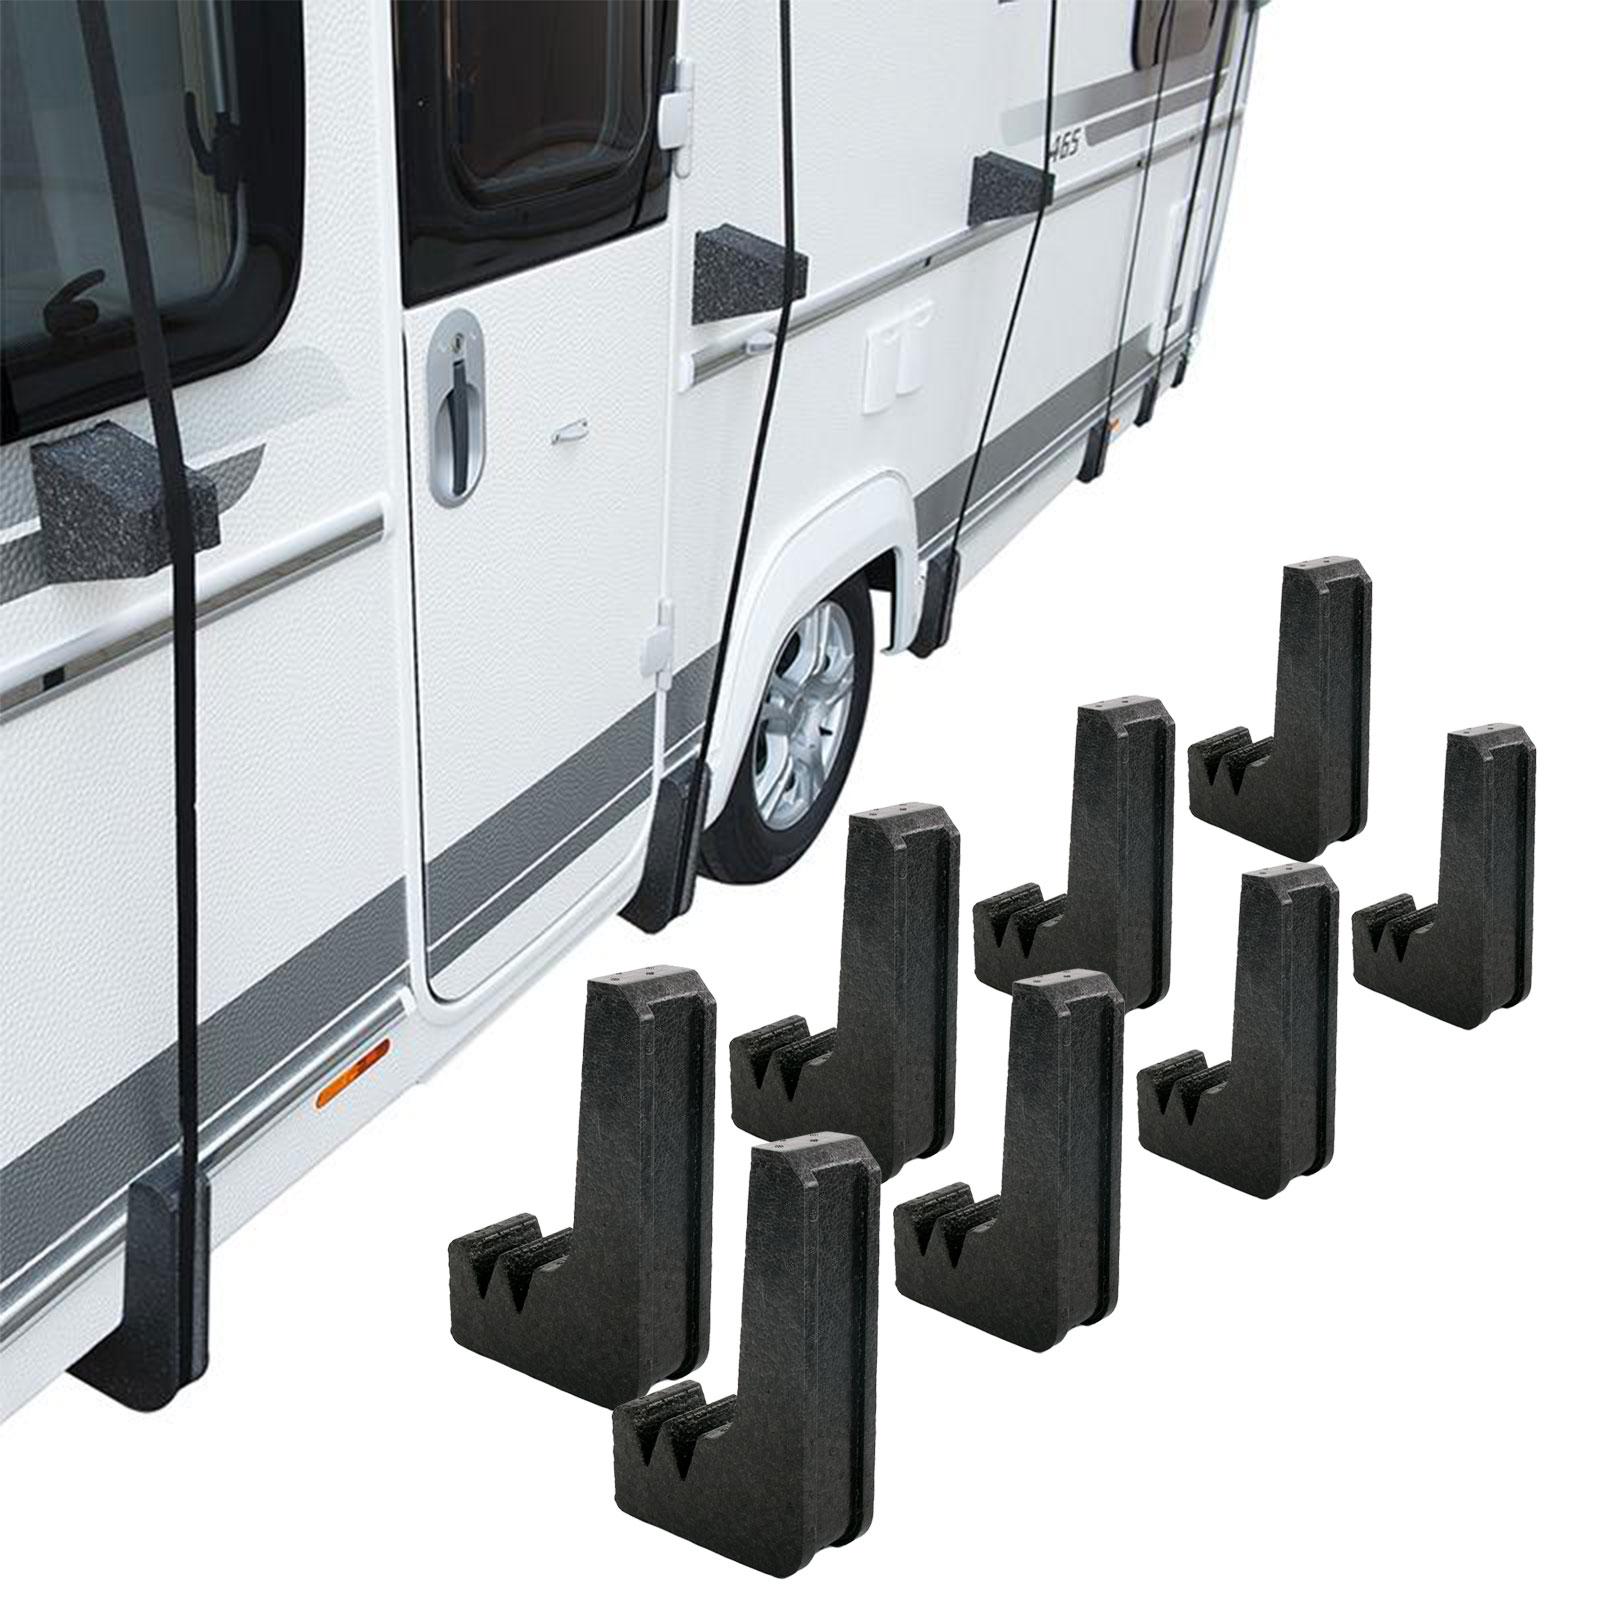 8 x schutzecken f r wohnwagen wohnmobil schutzd cher. Black Bedroom Furniture Sets. Home Design Ideas